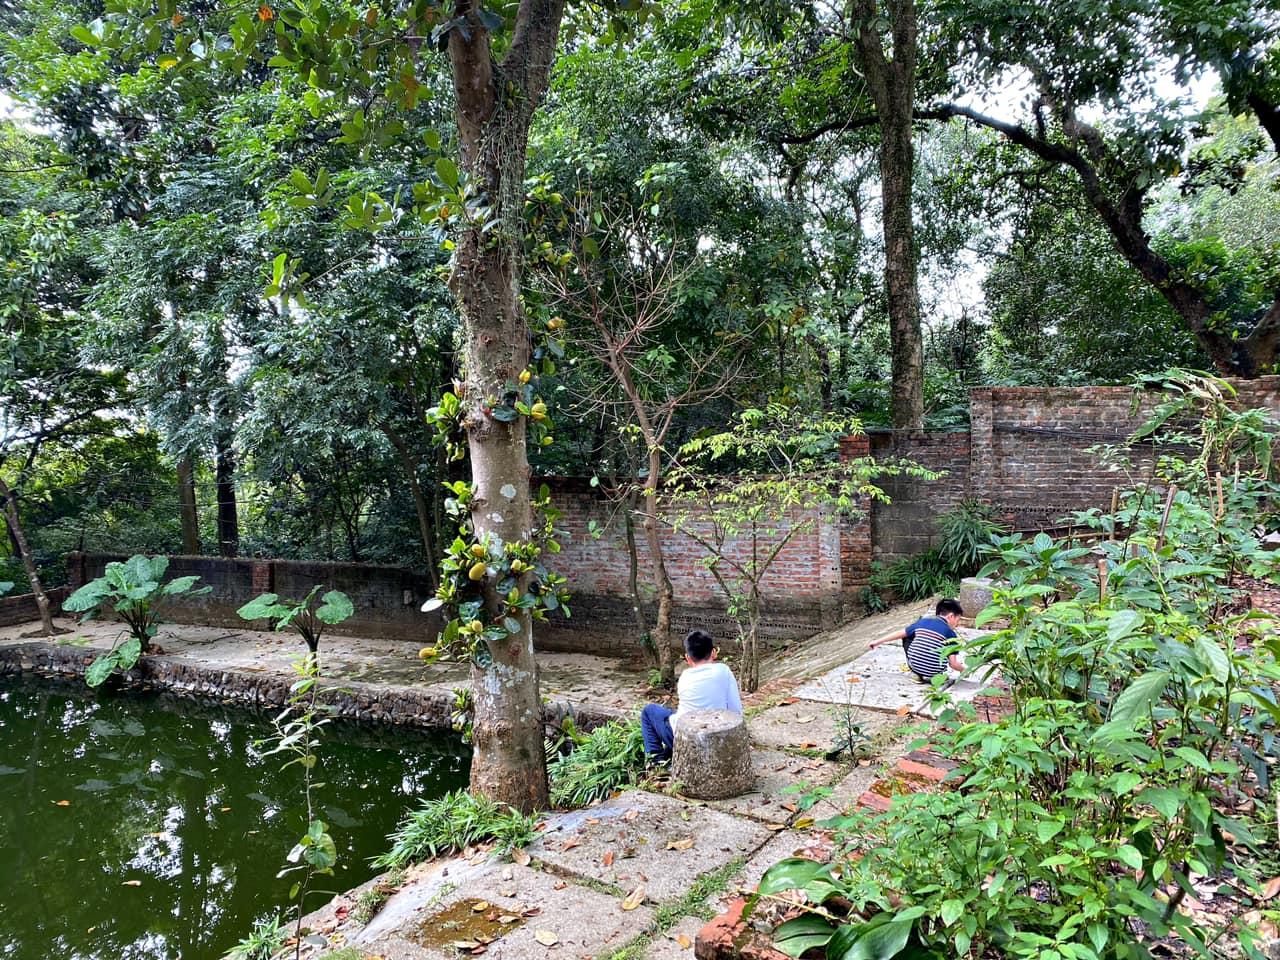 Mê mẩn với căn nhà second-home đẹp đến phát thèm tại ngoại ô Hà Nội, lộ bí quyết nhà đẹp quanh năm chỉ với 0 đồng của bà chủ nhà - Ảnh 15.